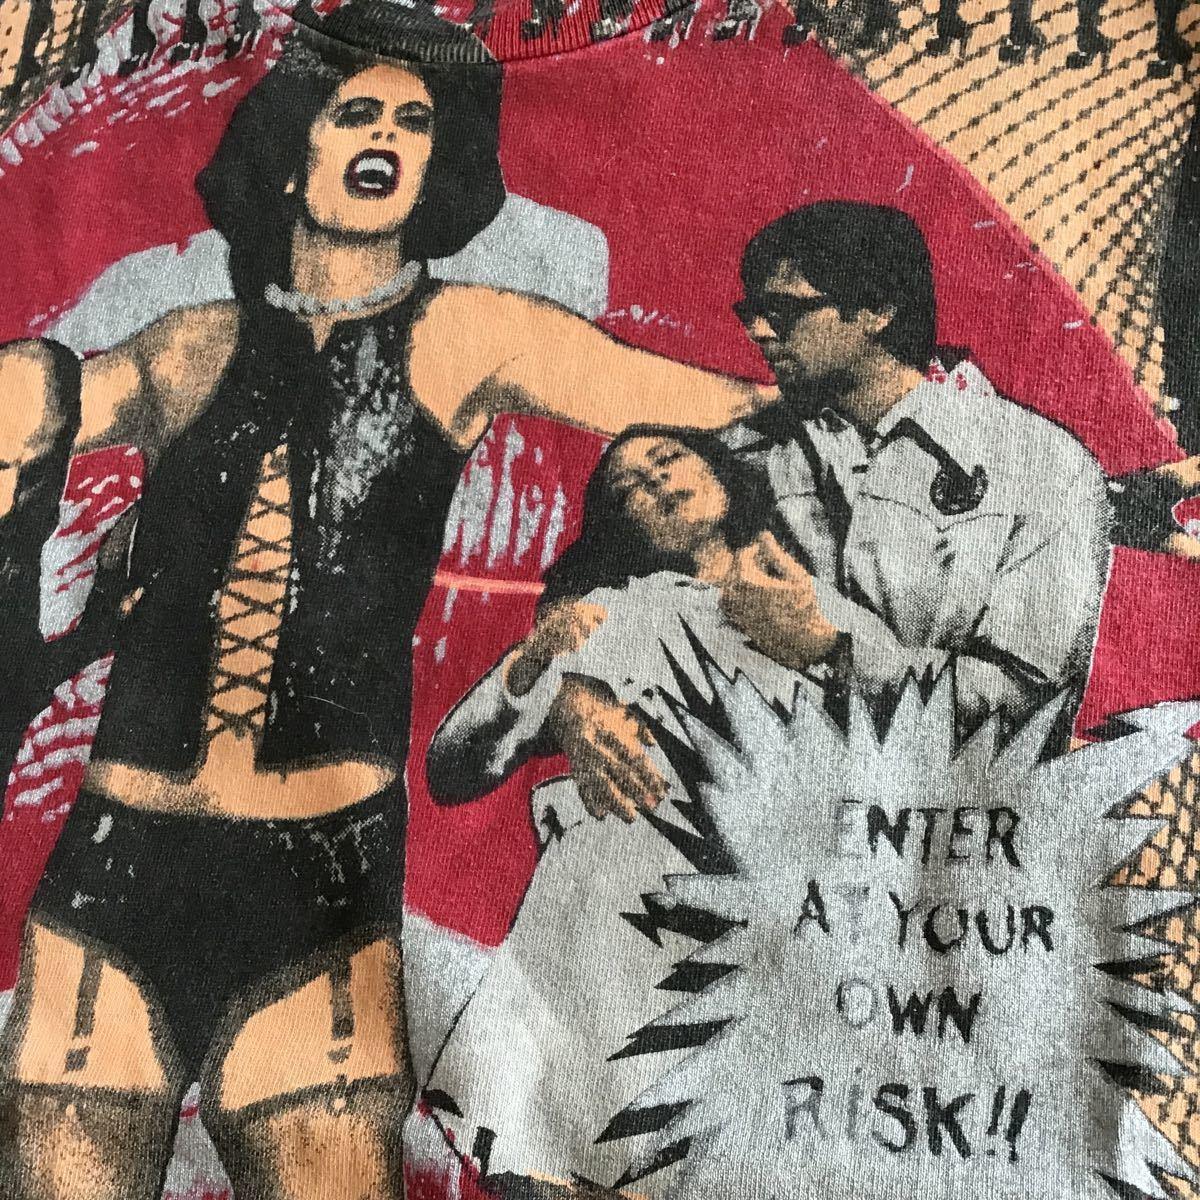 ビンテージロッキンホラーショー古着アメカジUSAマイフリーダムF&E映画70年代音楽フェスロック_画像9